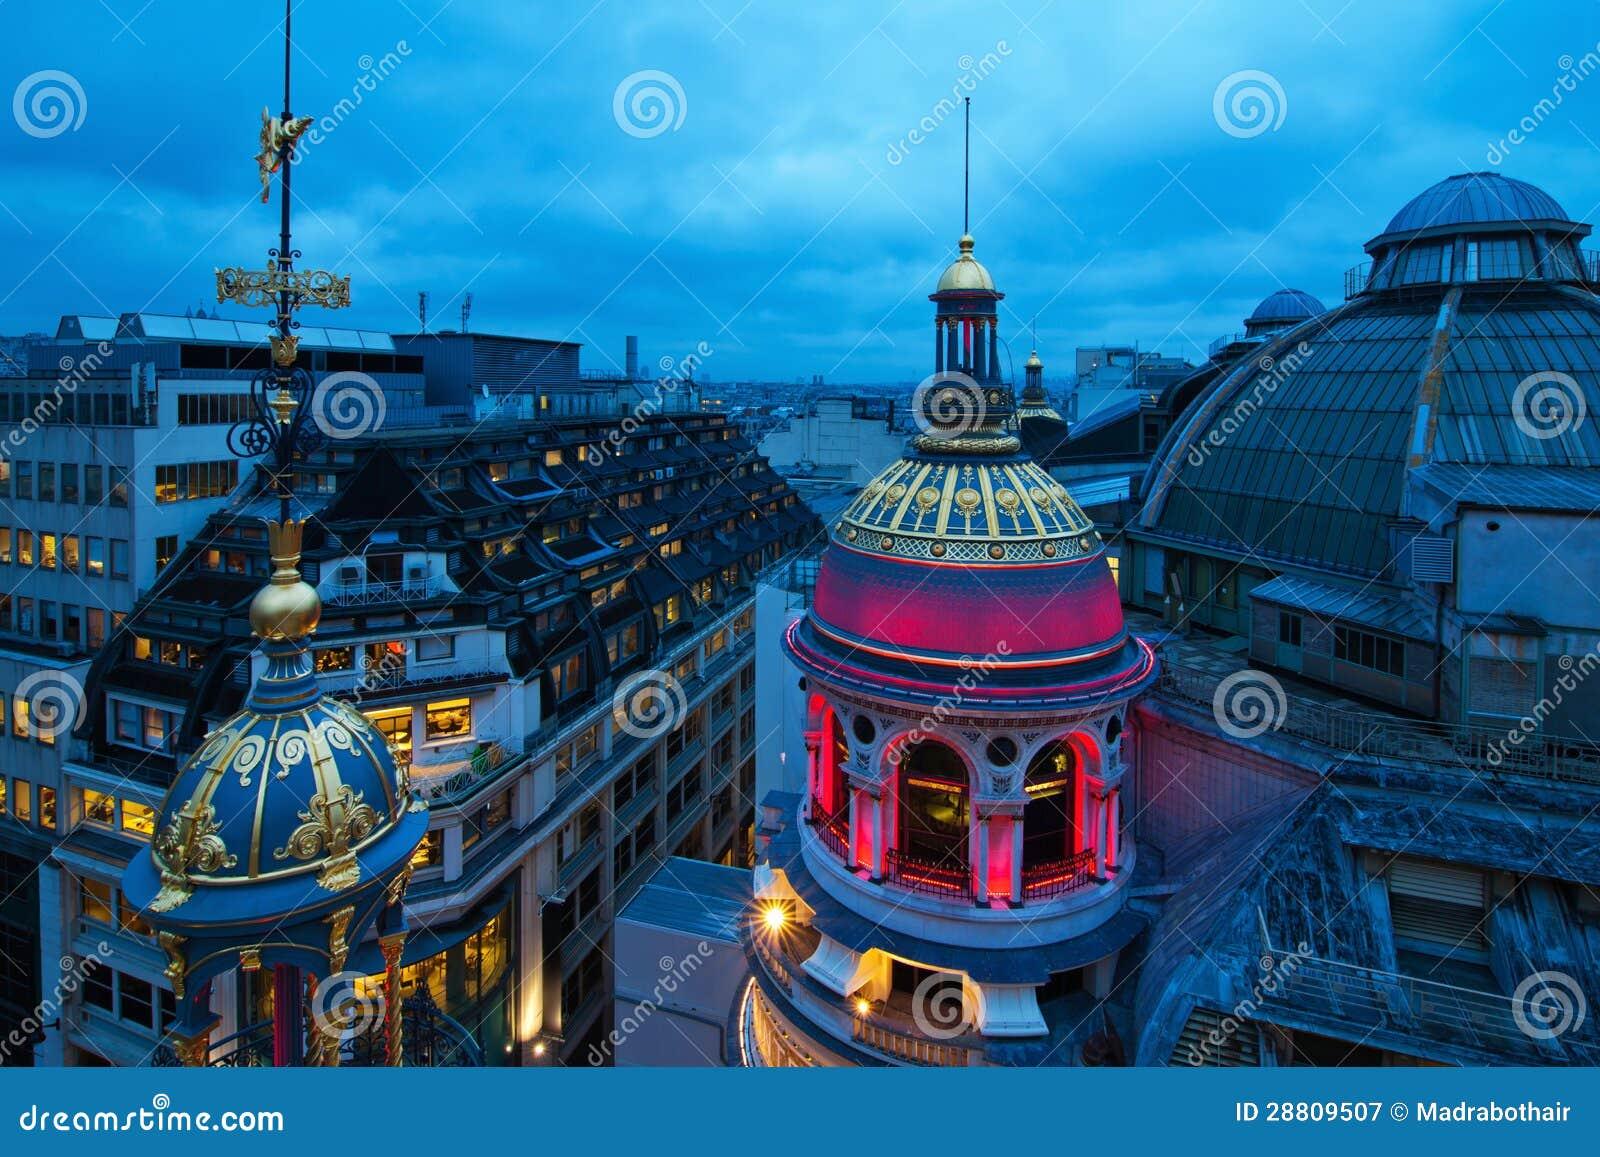 Parisian roofs at night